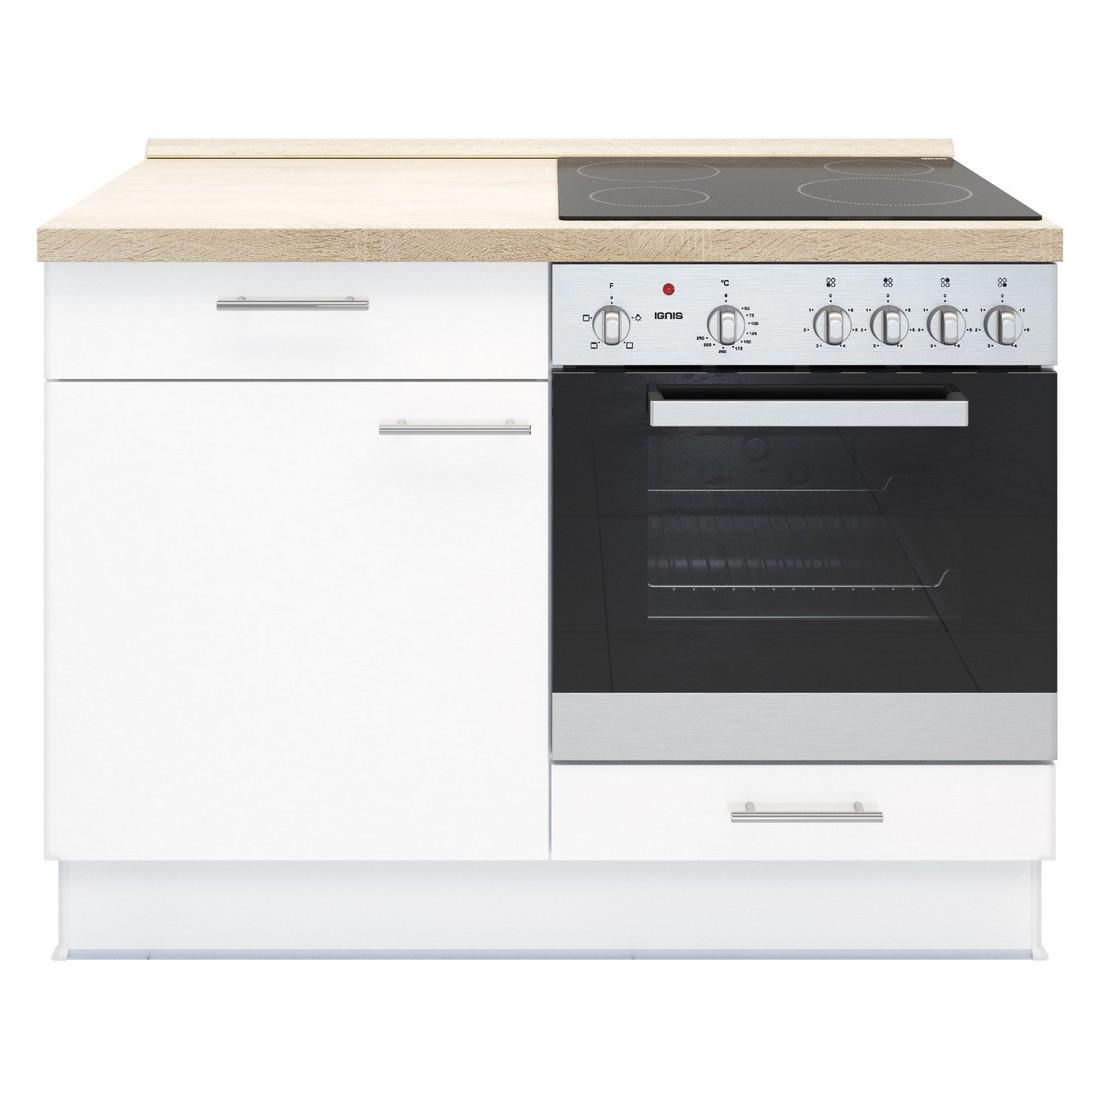 Küchenmodul Basic – mit Glaskeramik Kochfeld und Backofen – Weiß – Ausrichtung Rechts, Kiveda kaufen